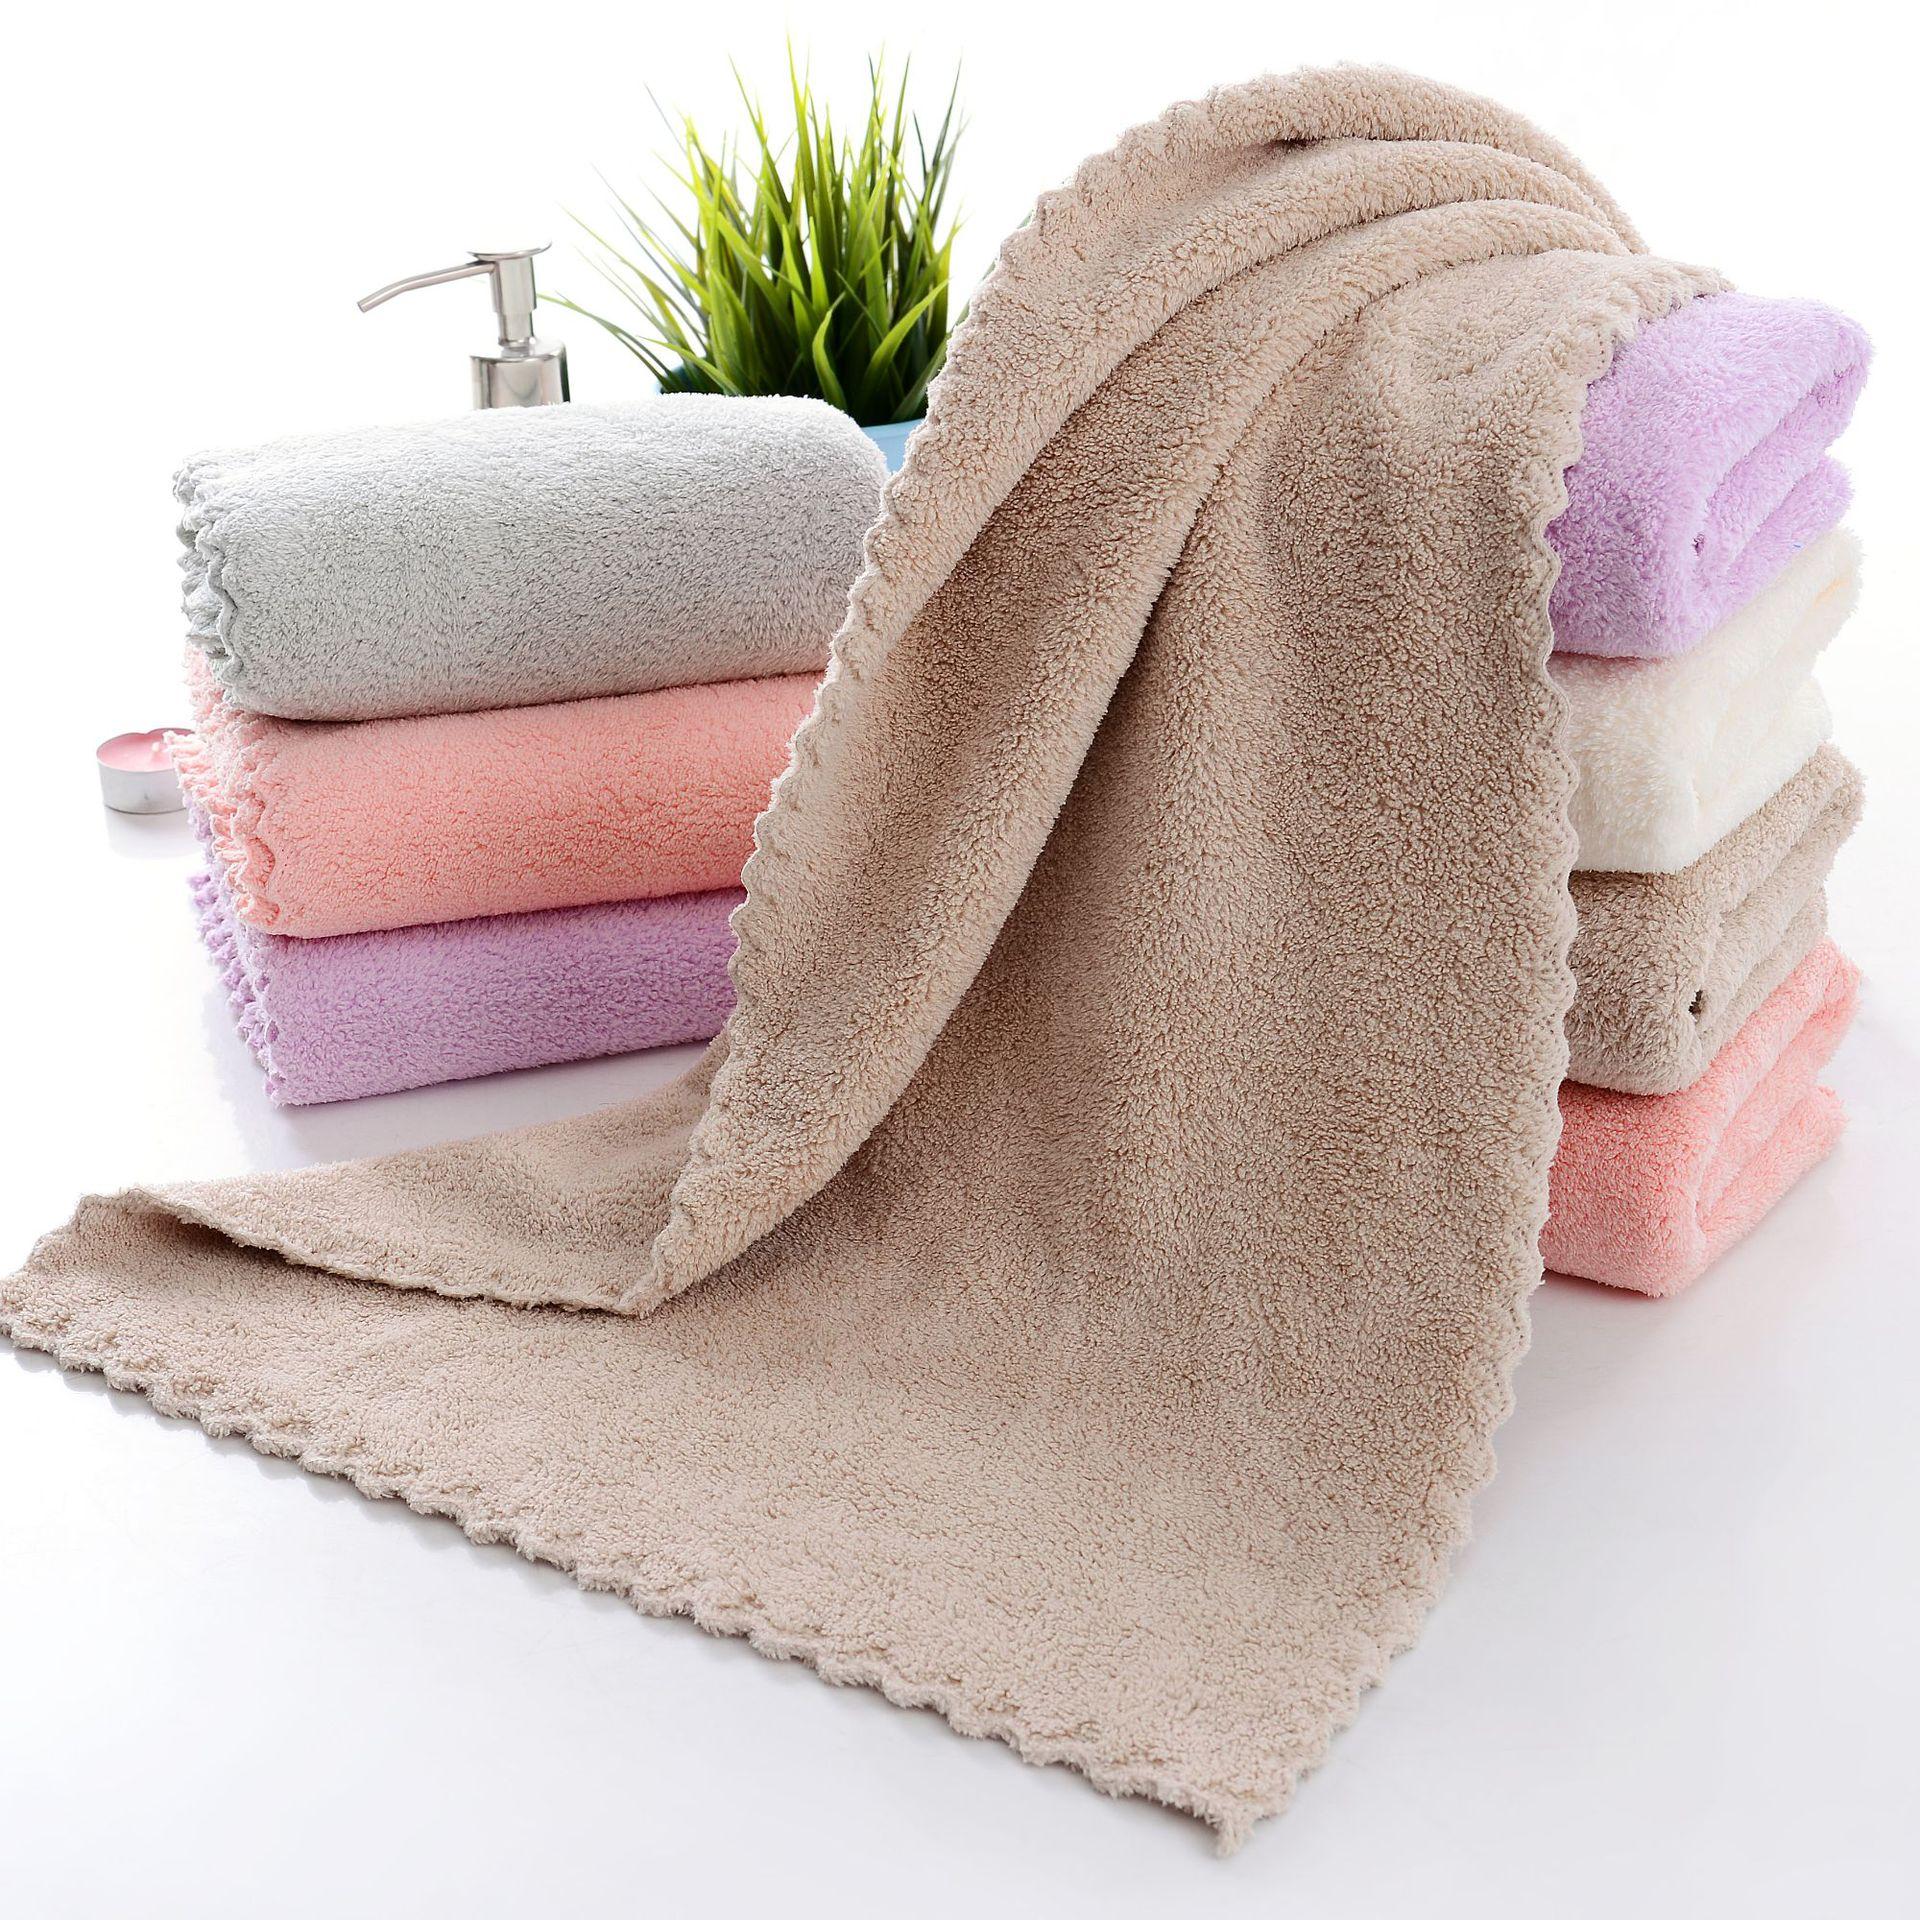 高密珊瑚绒切边毛巾素色洗脸面巾柔软吸水礼品家用不退色不脱毛